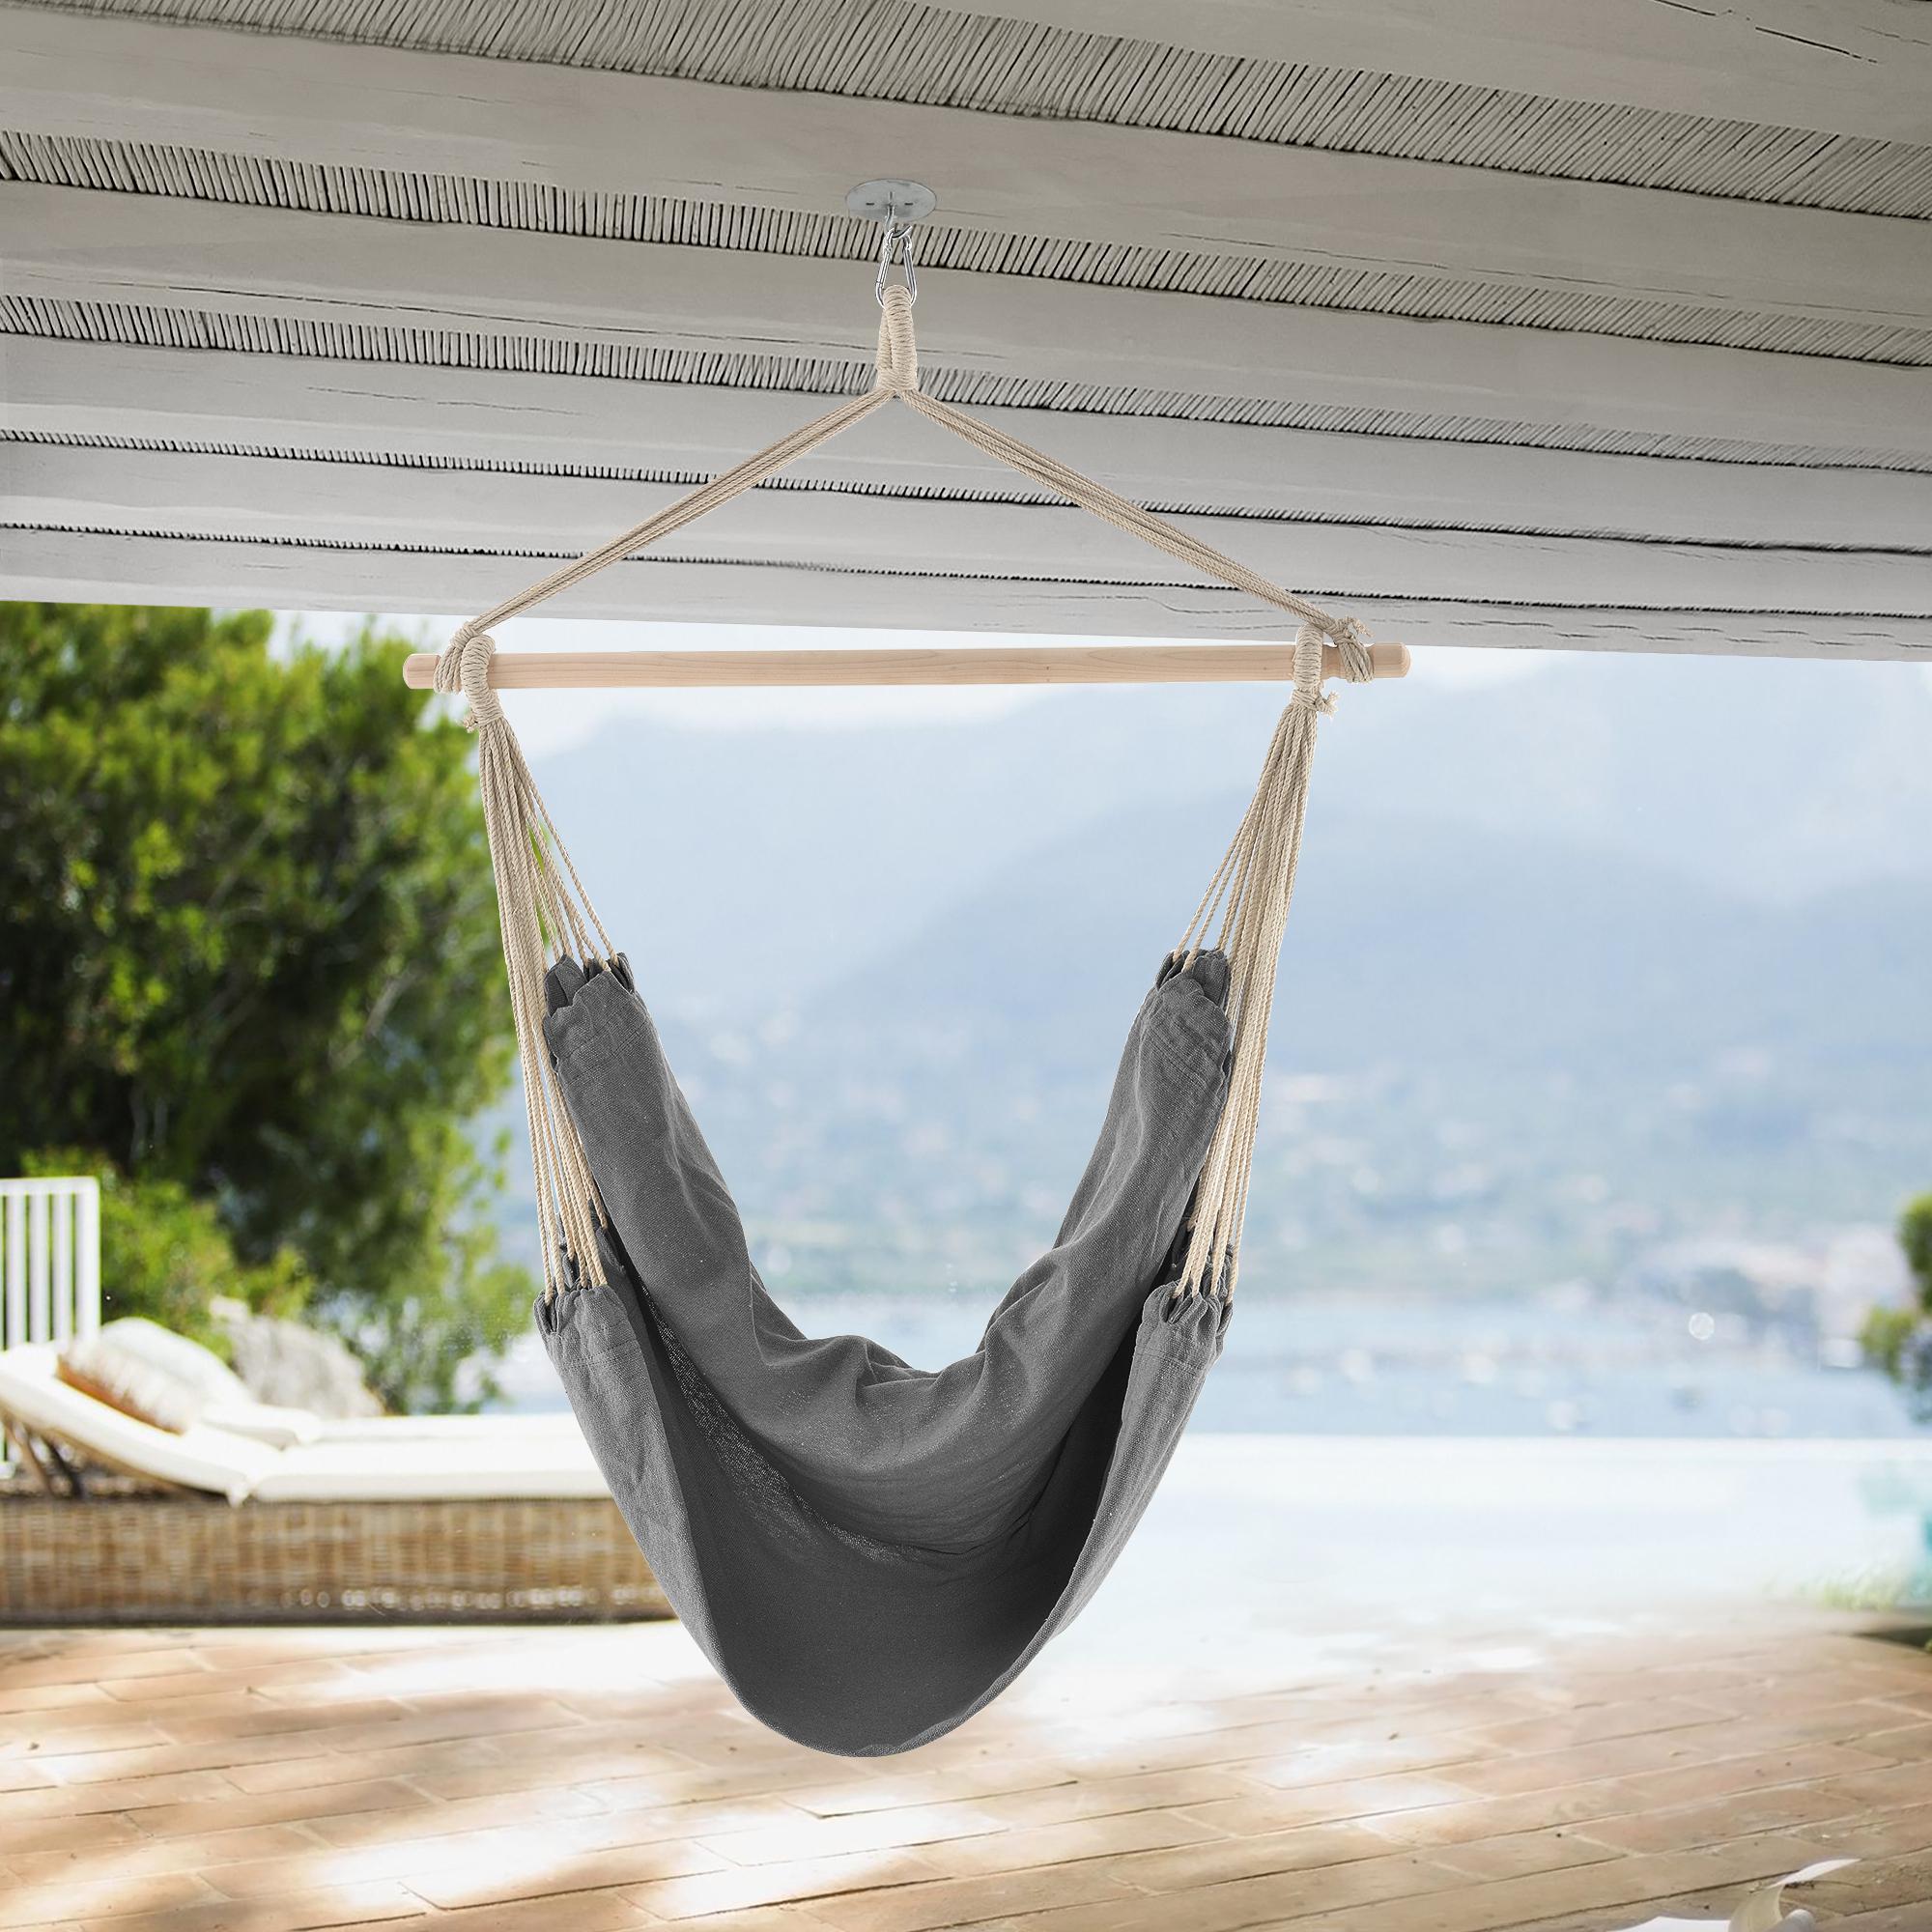 corium ottomane nachttisch sitzhocker sitz truhe hocker. Black Bedroom Furniture Sets. Home Design Ideas